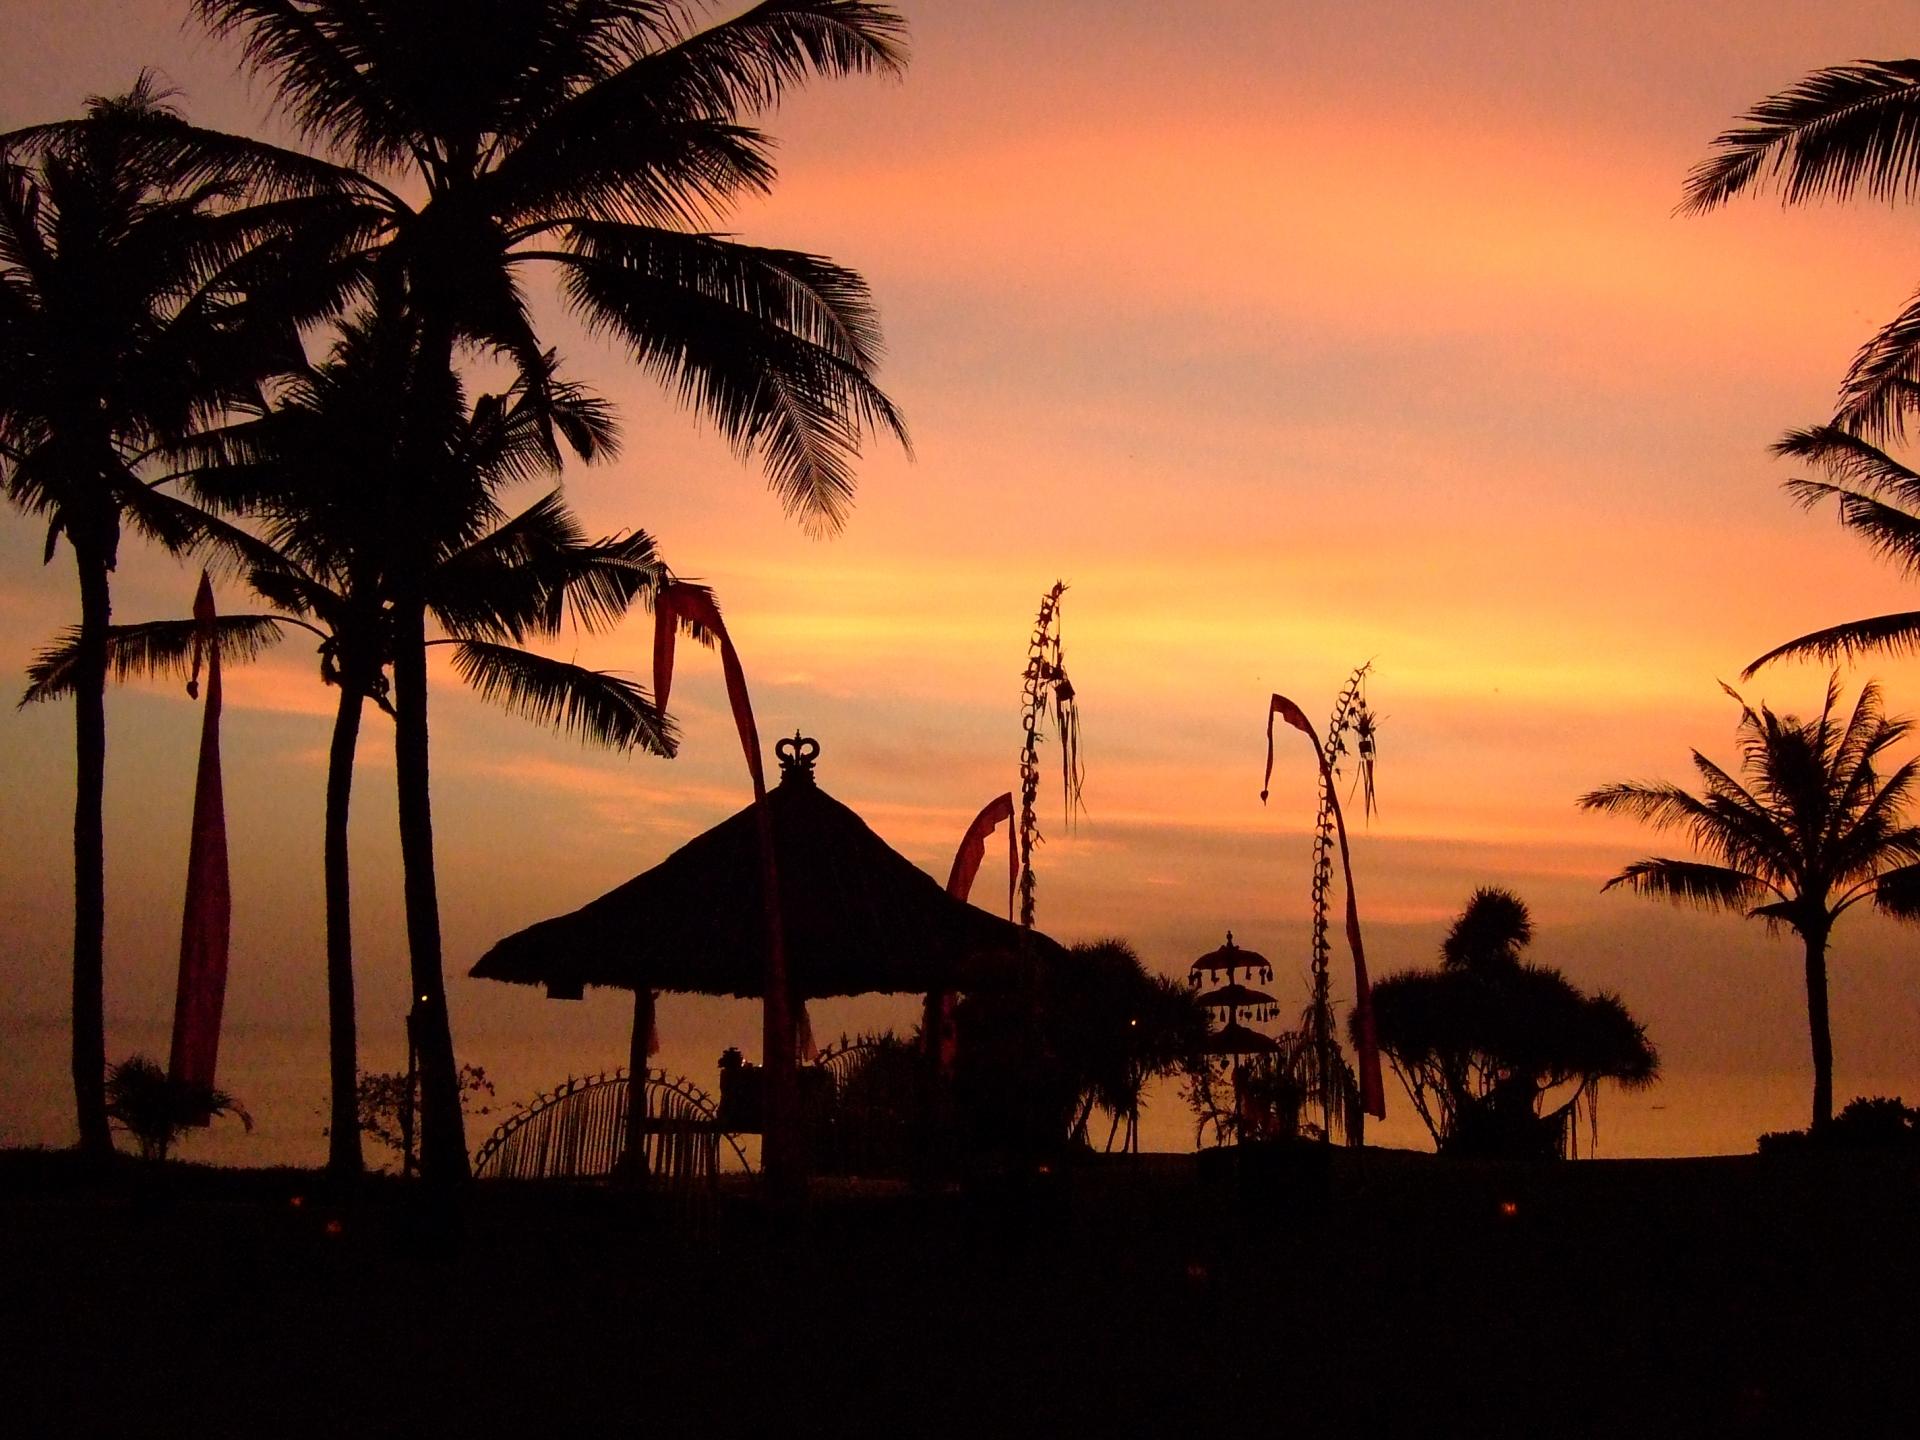 バリ島のベストシーズンは楽しむ目的によって違う!雨季に行く場合の注意点も!